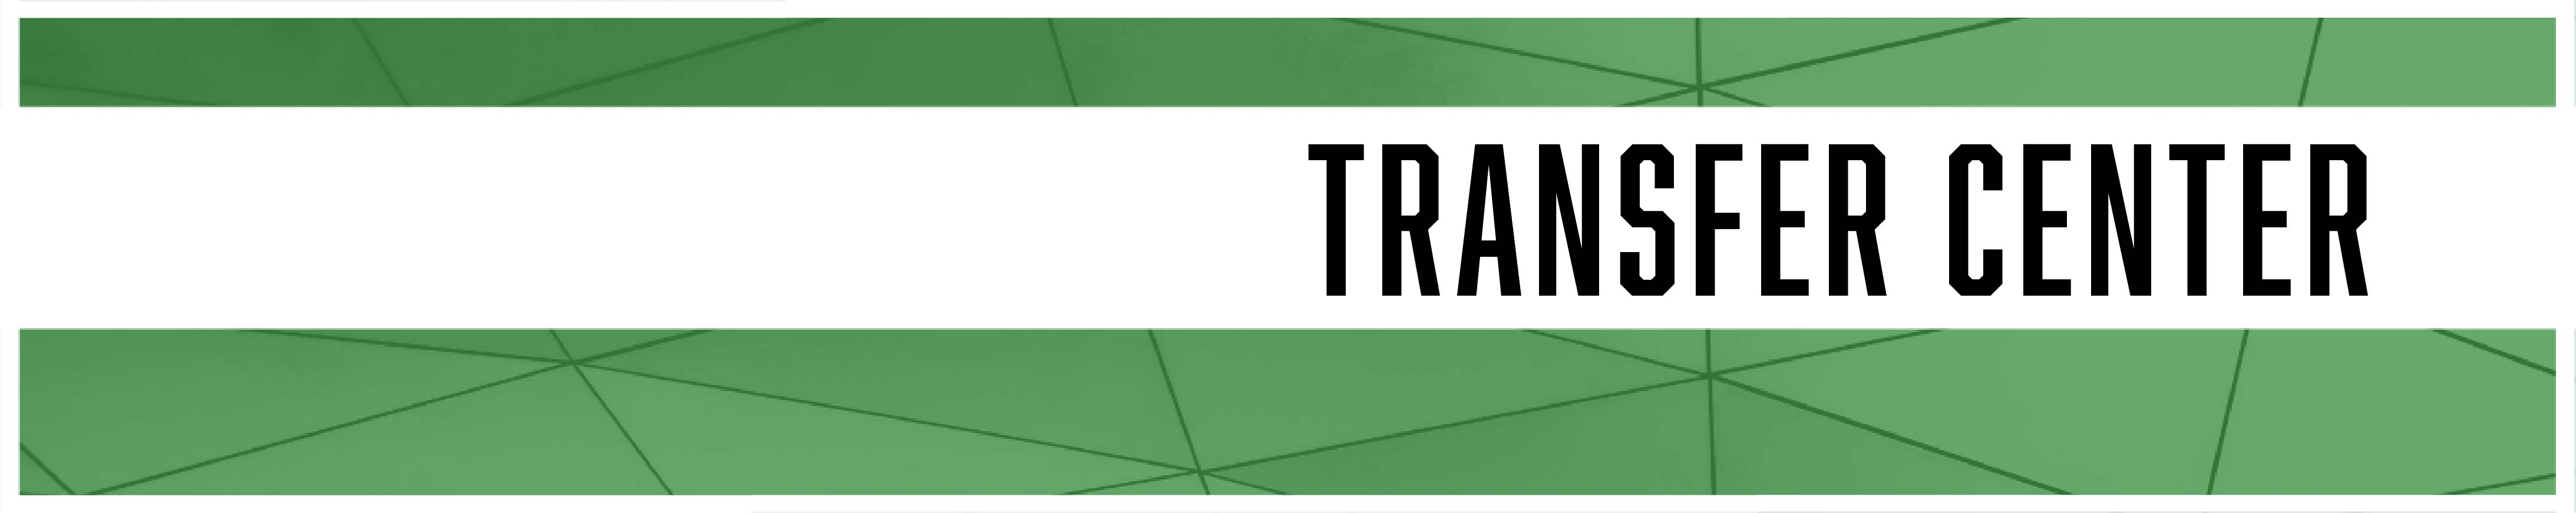 Transfer Center Banner Link